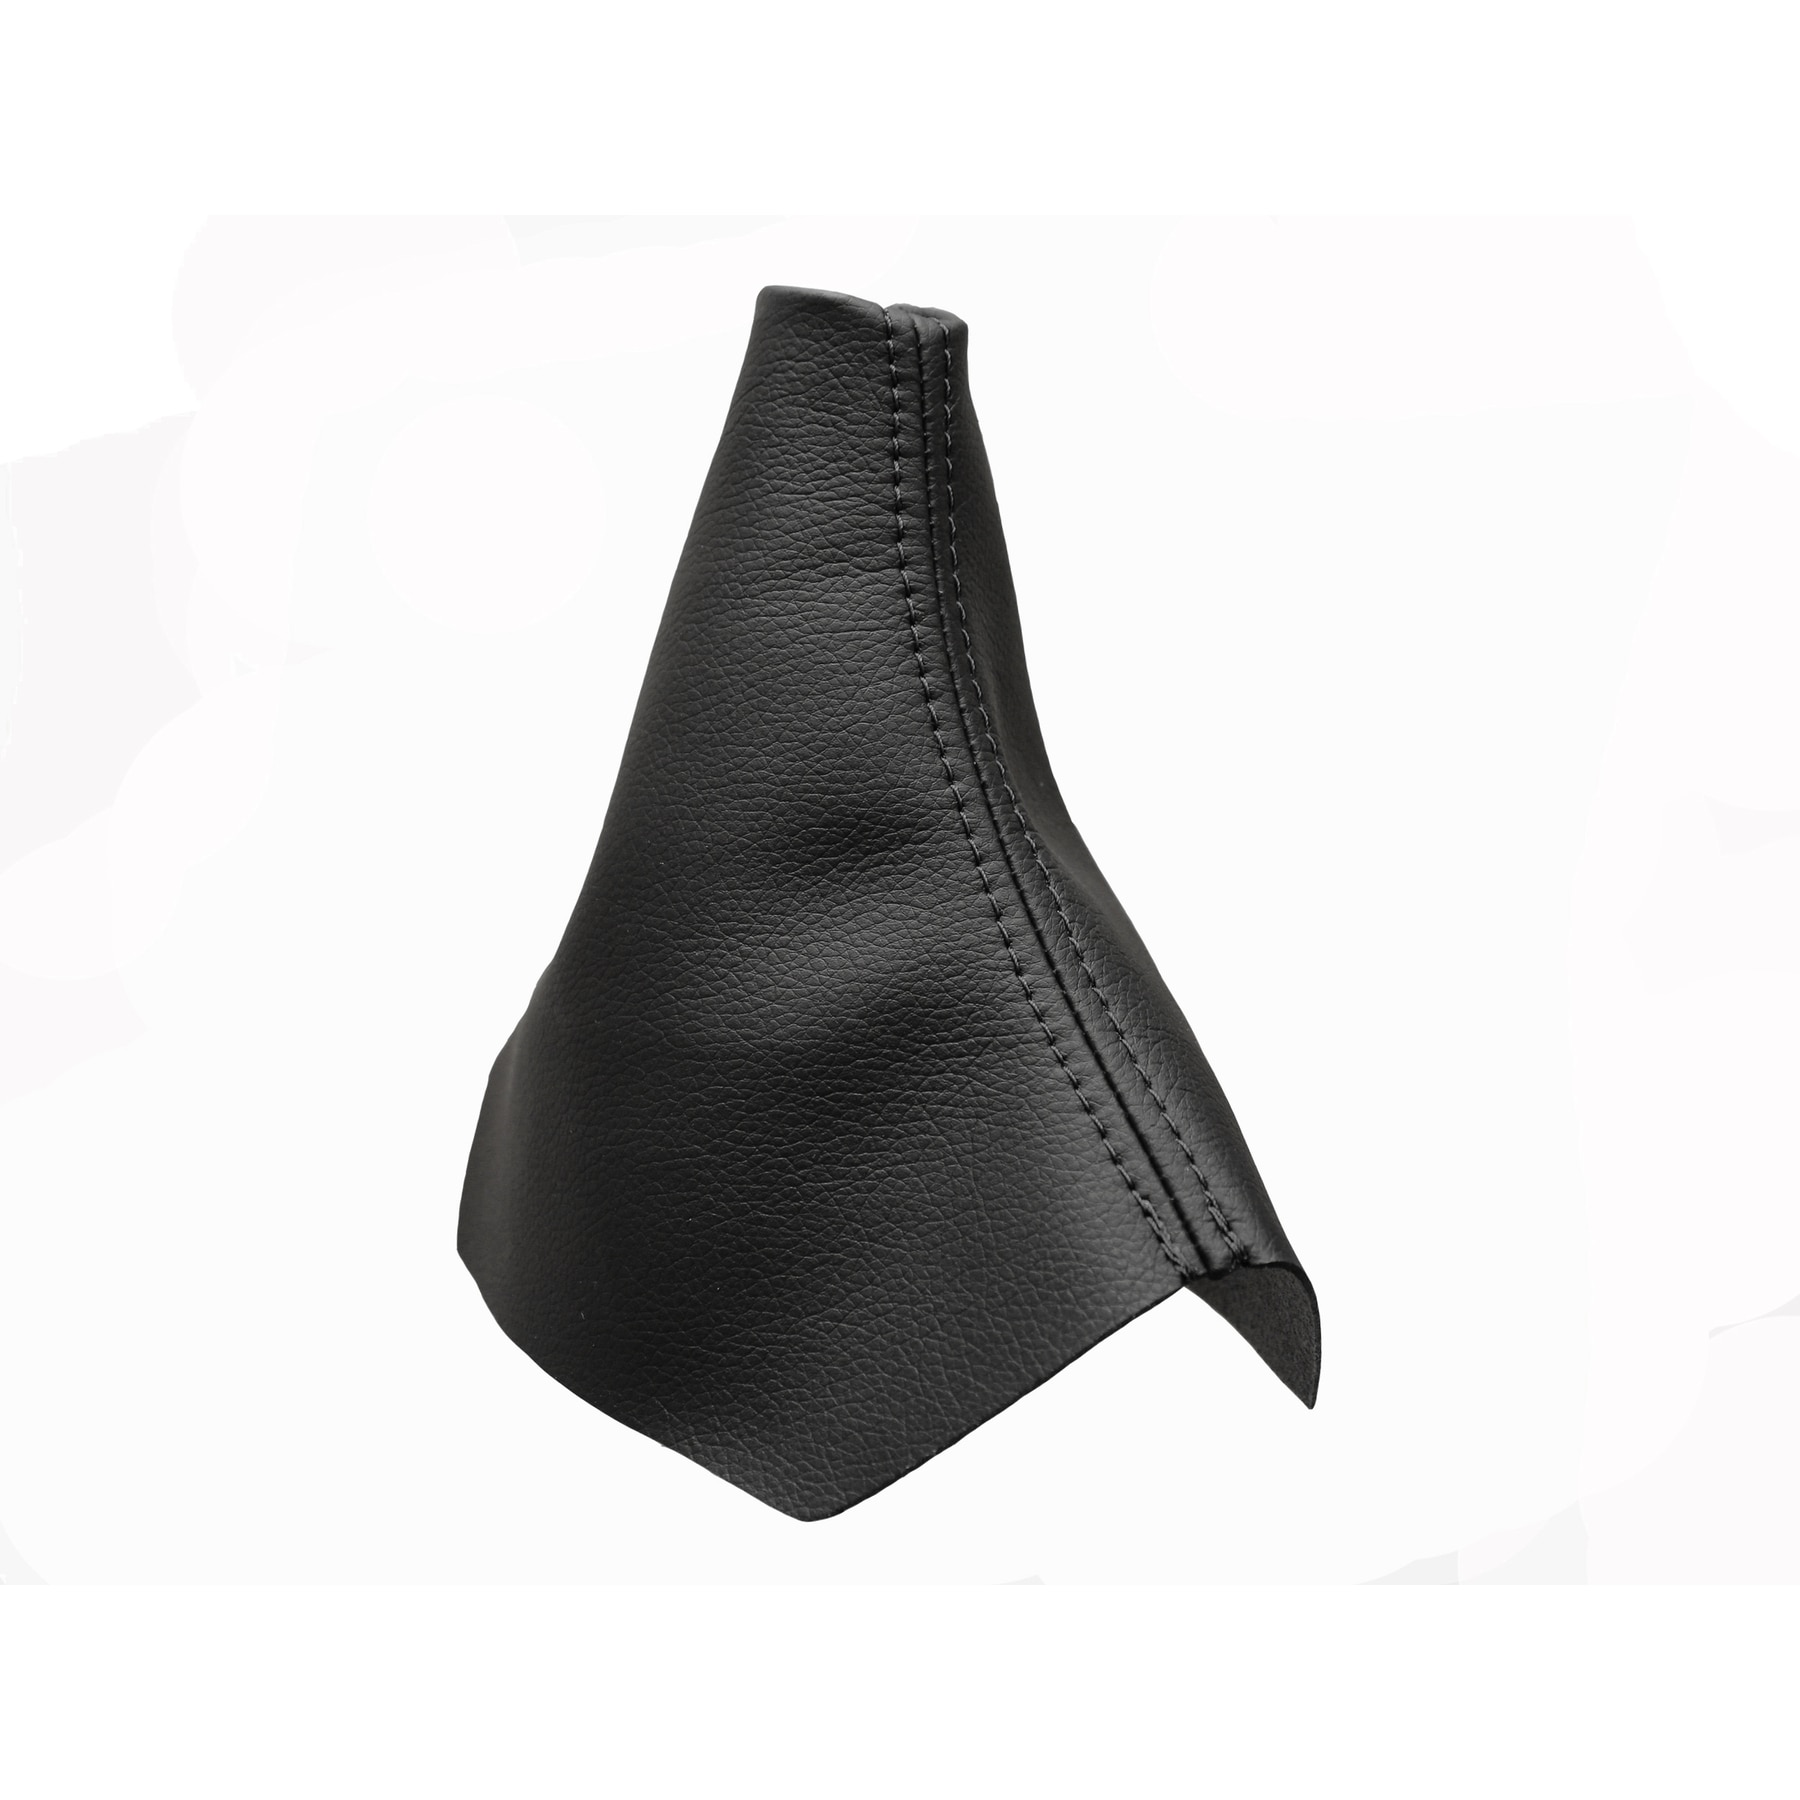 Cargaiter - AudiA4/B7 (2004-2007) Funda Palanca de Cambios Accesorio Compatible con doble Costura en Negro Nuevo